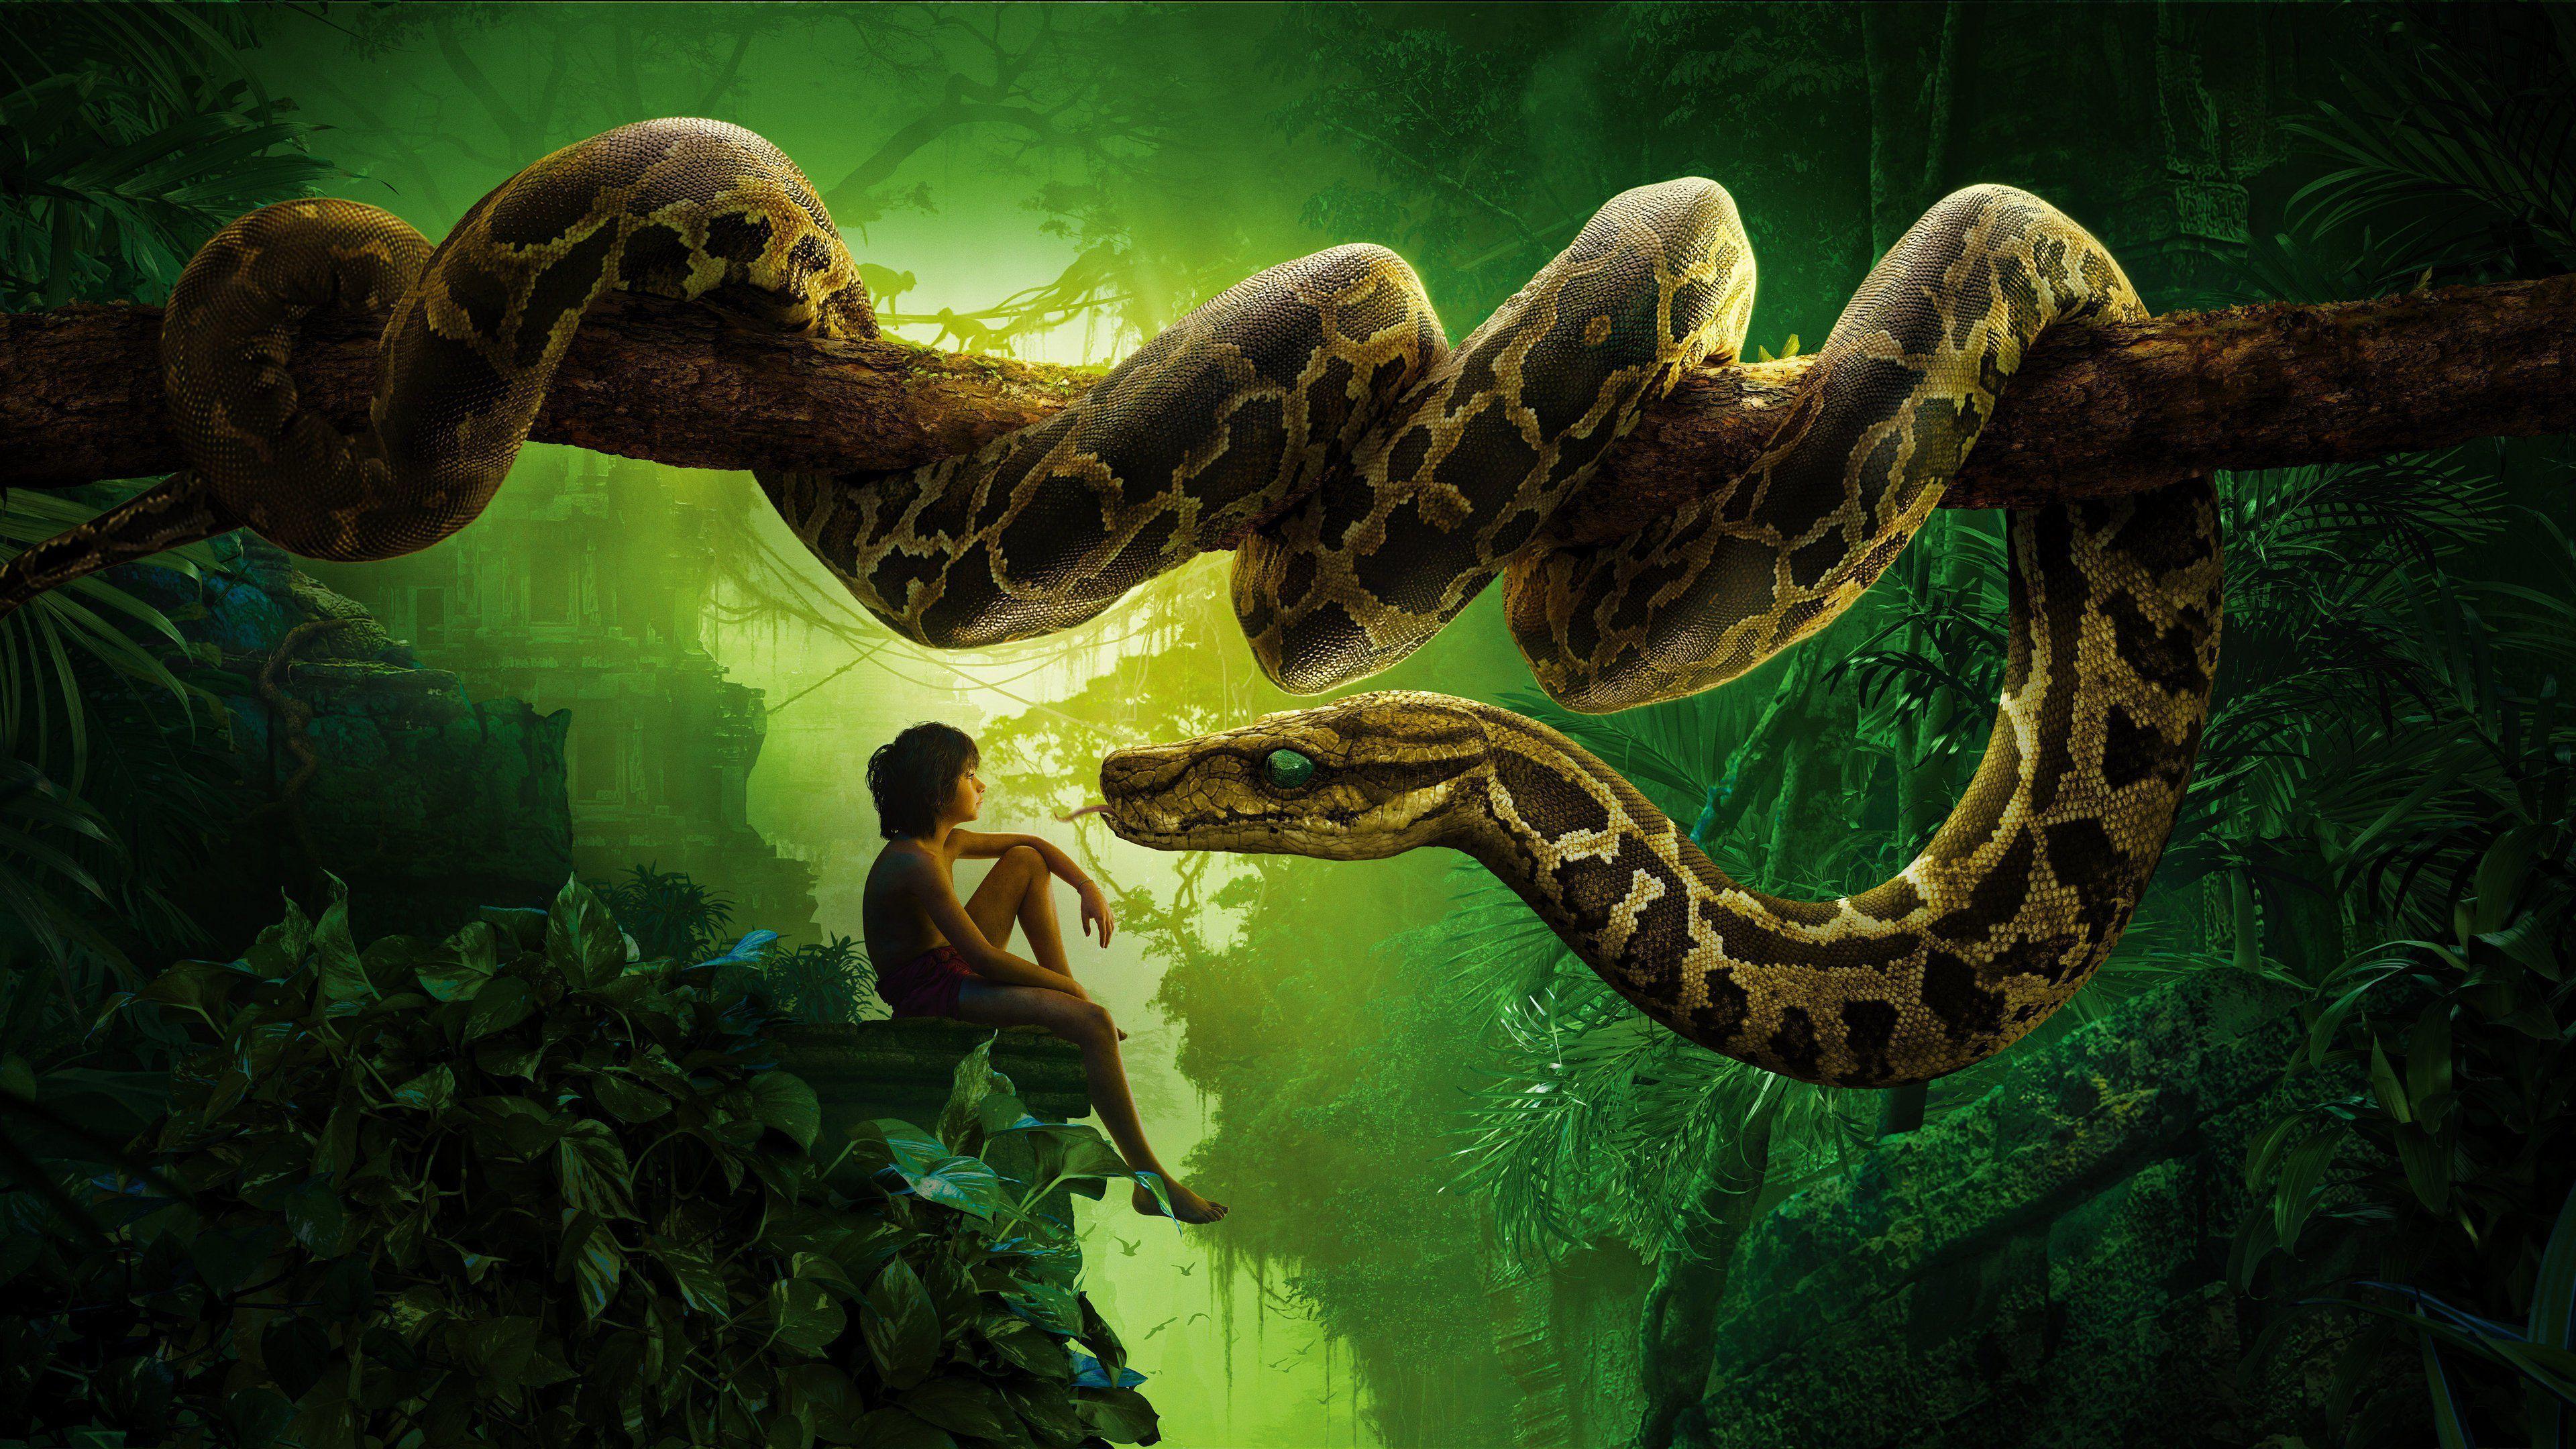 モーグリとヘビ